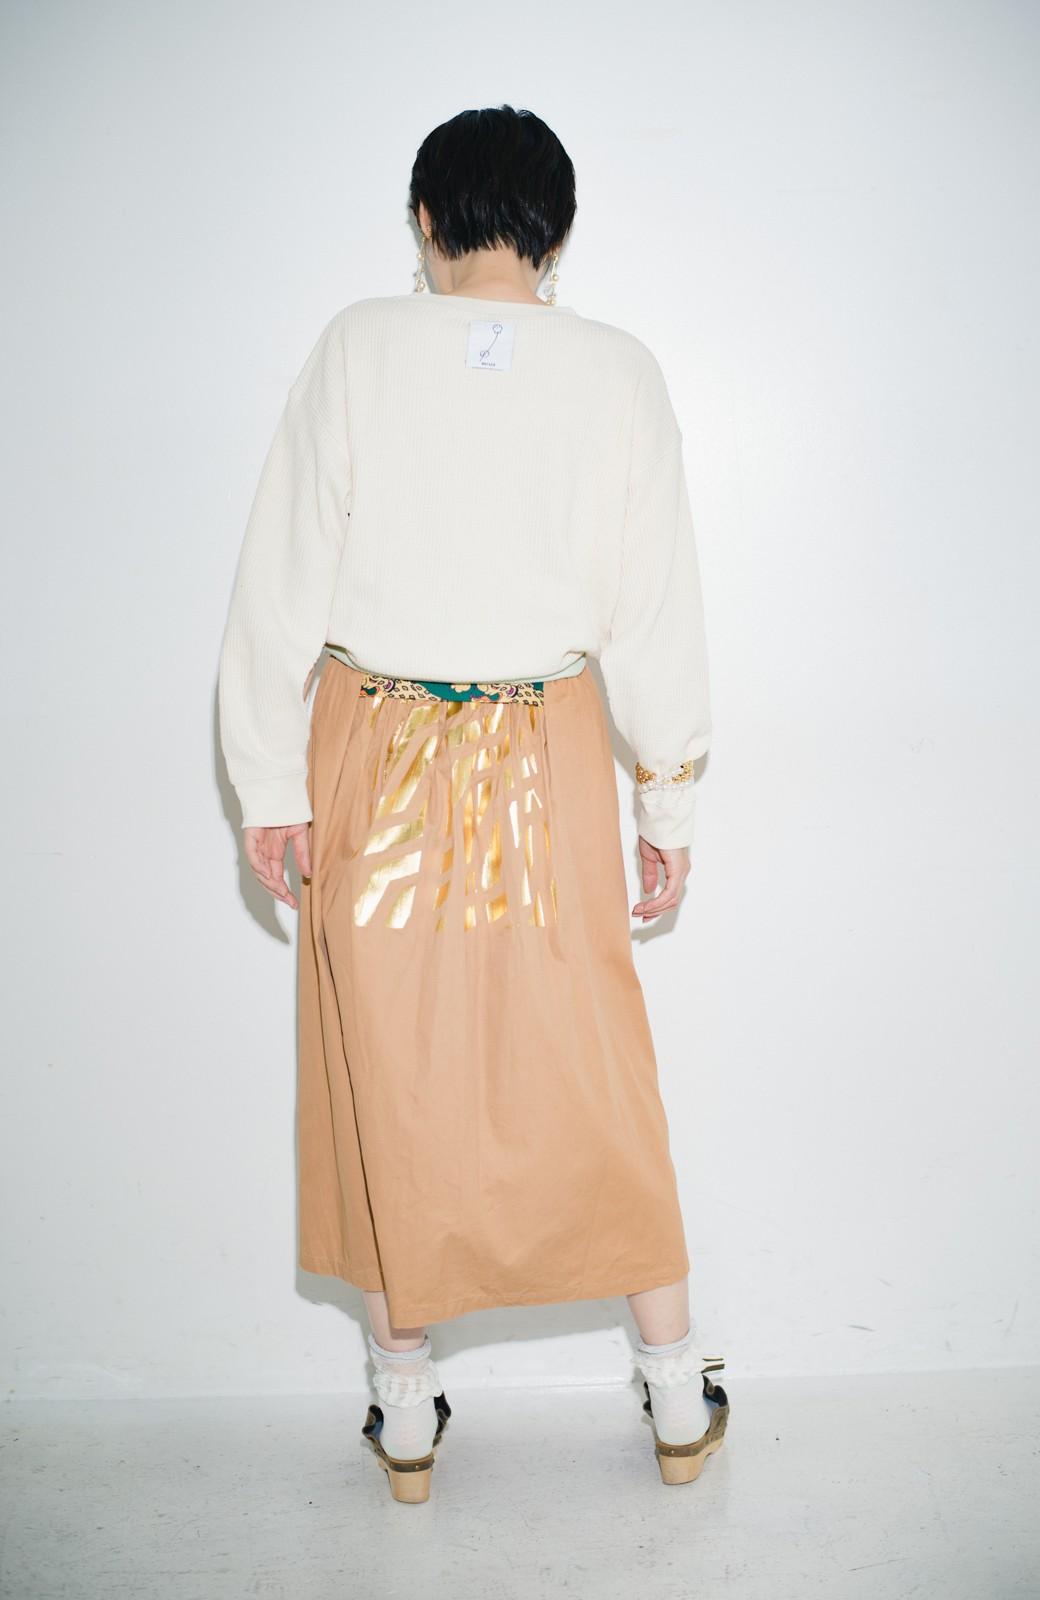 haco! haco! × RBTXCO後ろ姿にトキメキ 箔プリントとヒョウ柄ゴムのウエストリボンスカート <ベージュ>の商品写真14